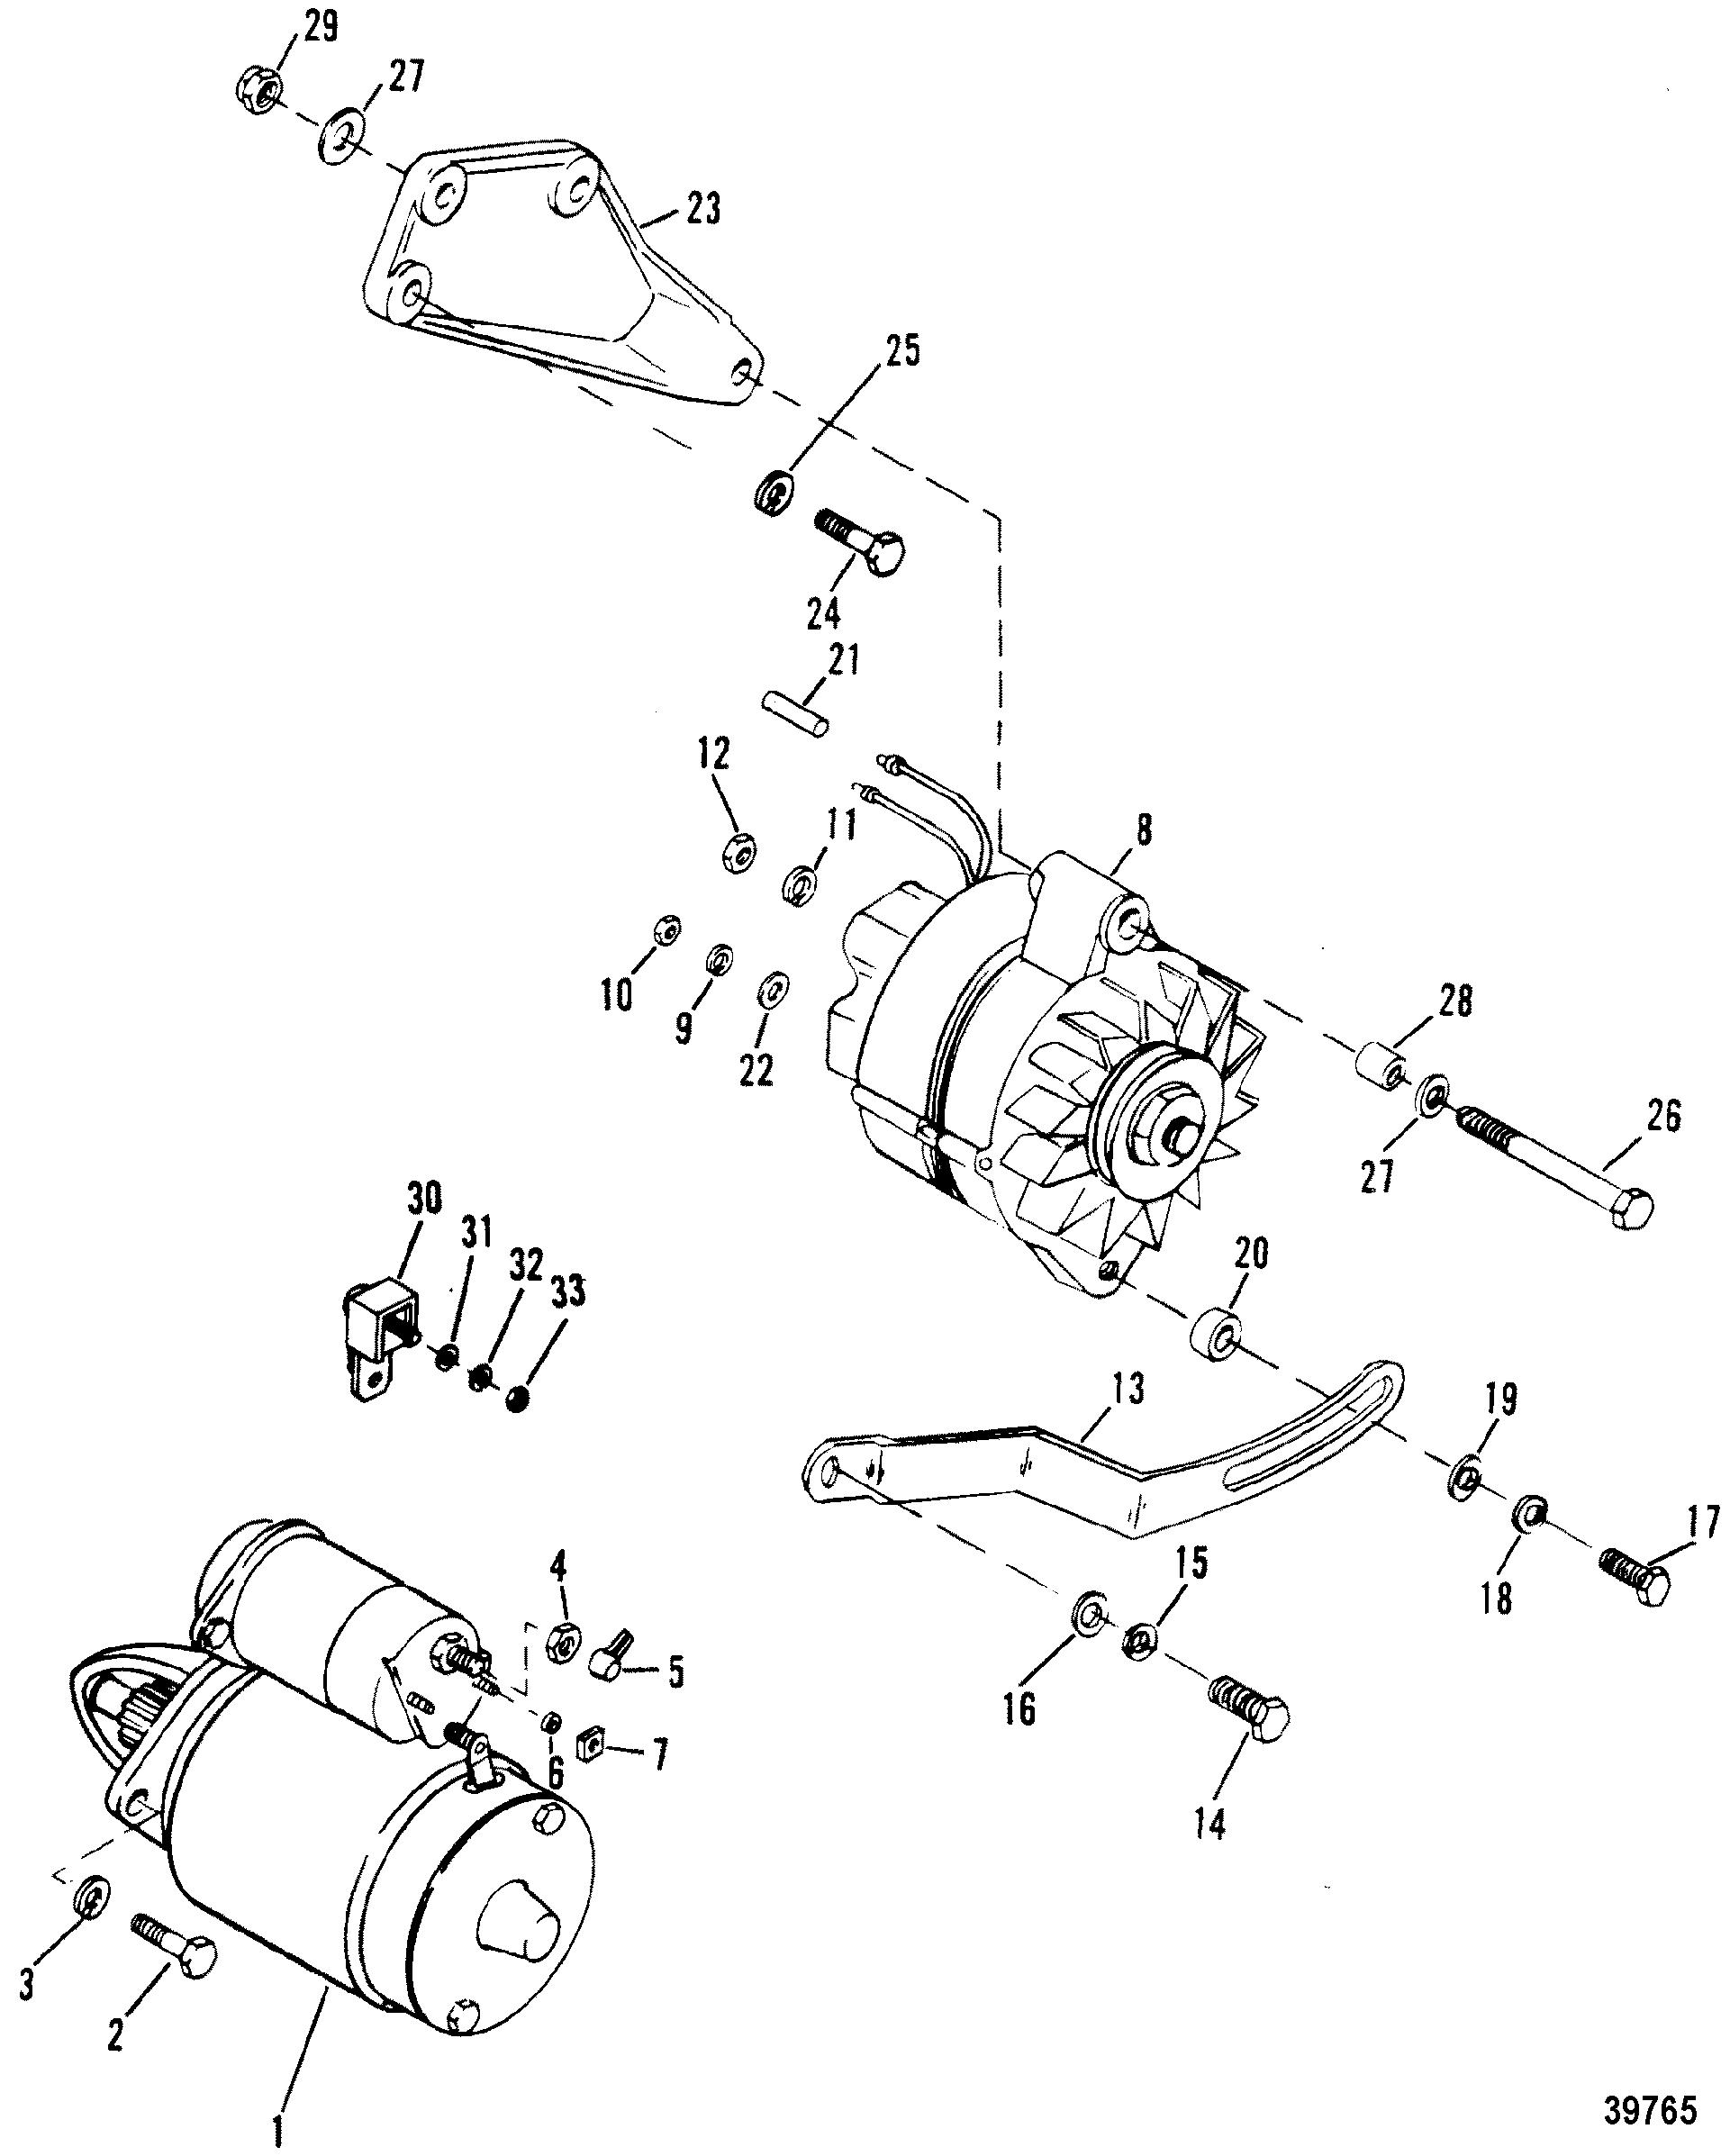 STARTER AND ALTERNATOR FOR MERCRUISER / MIE 230 HP/260 H.P